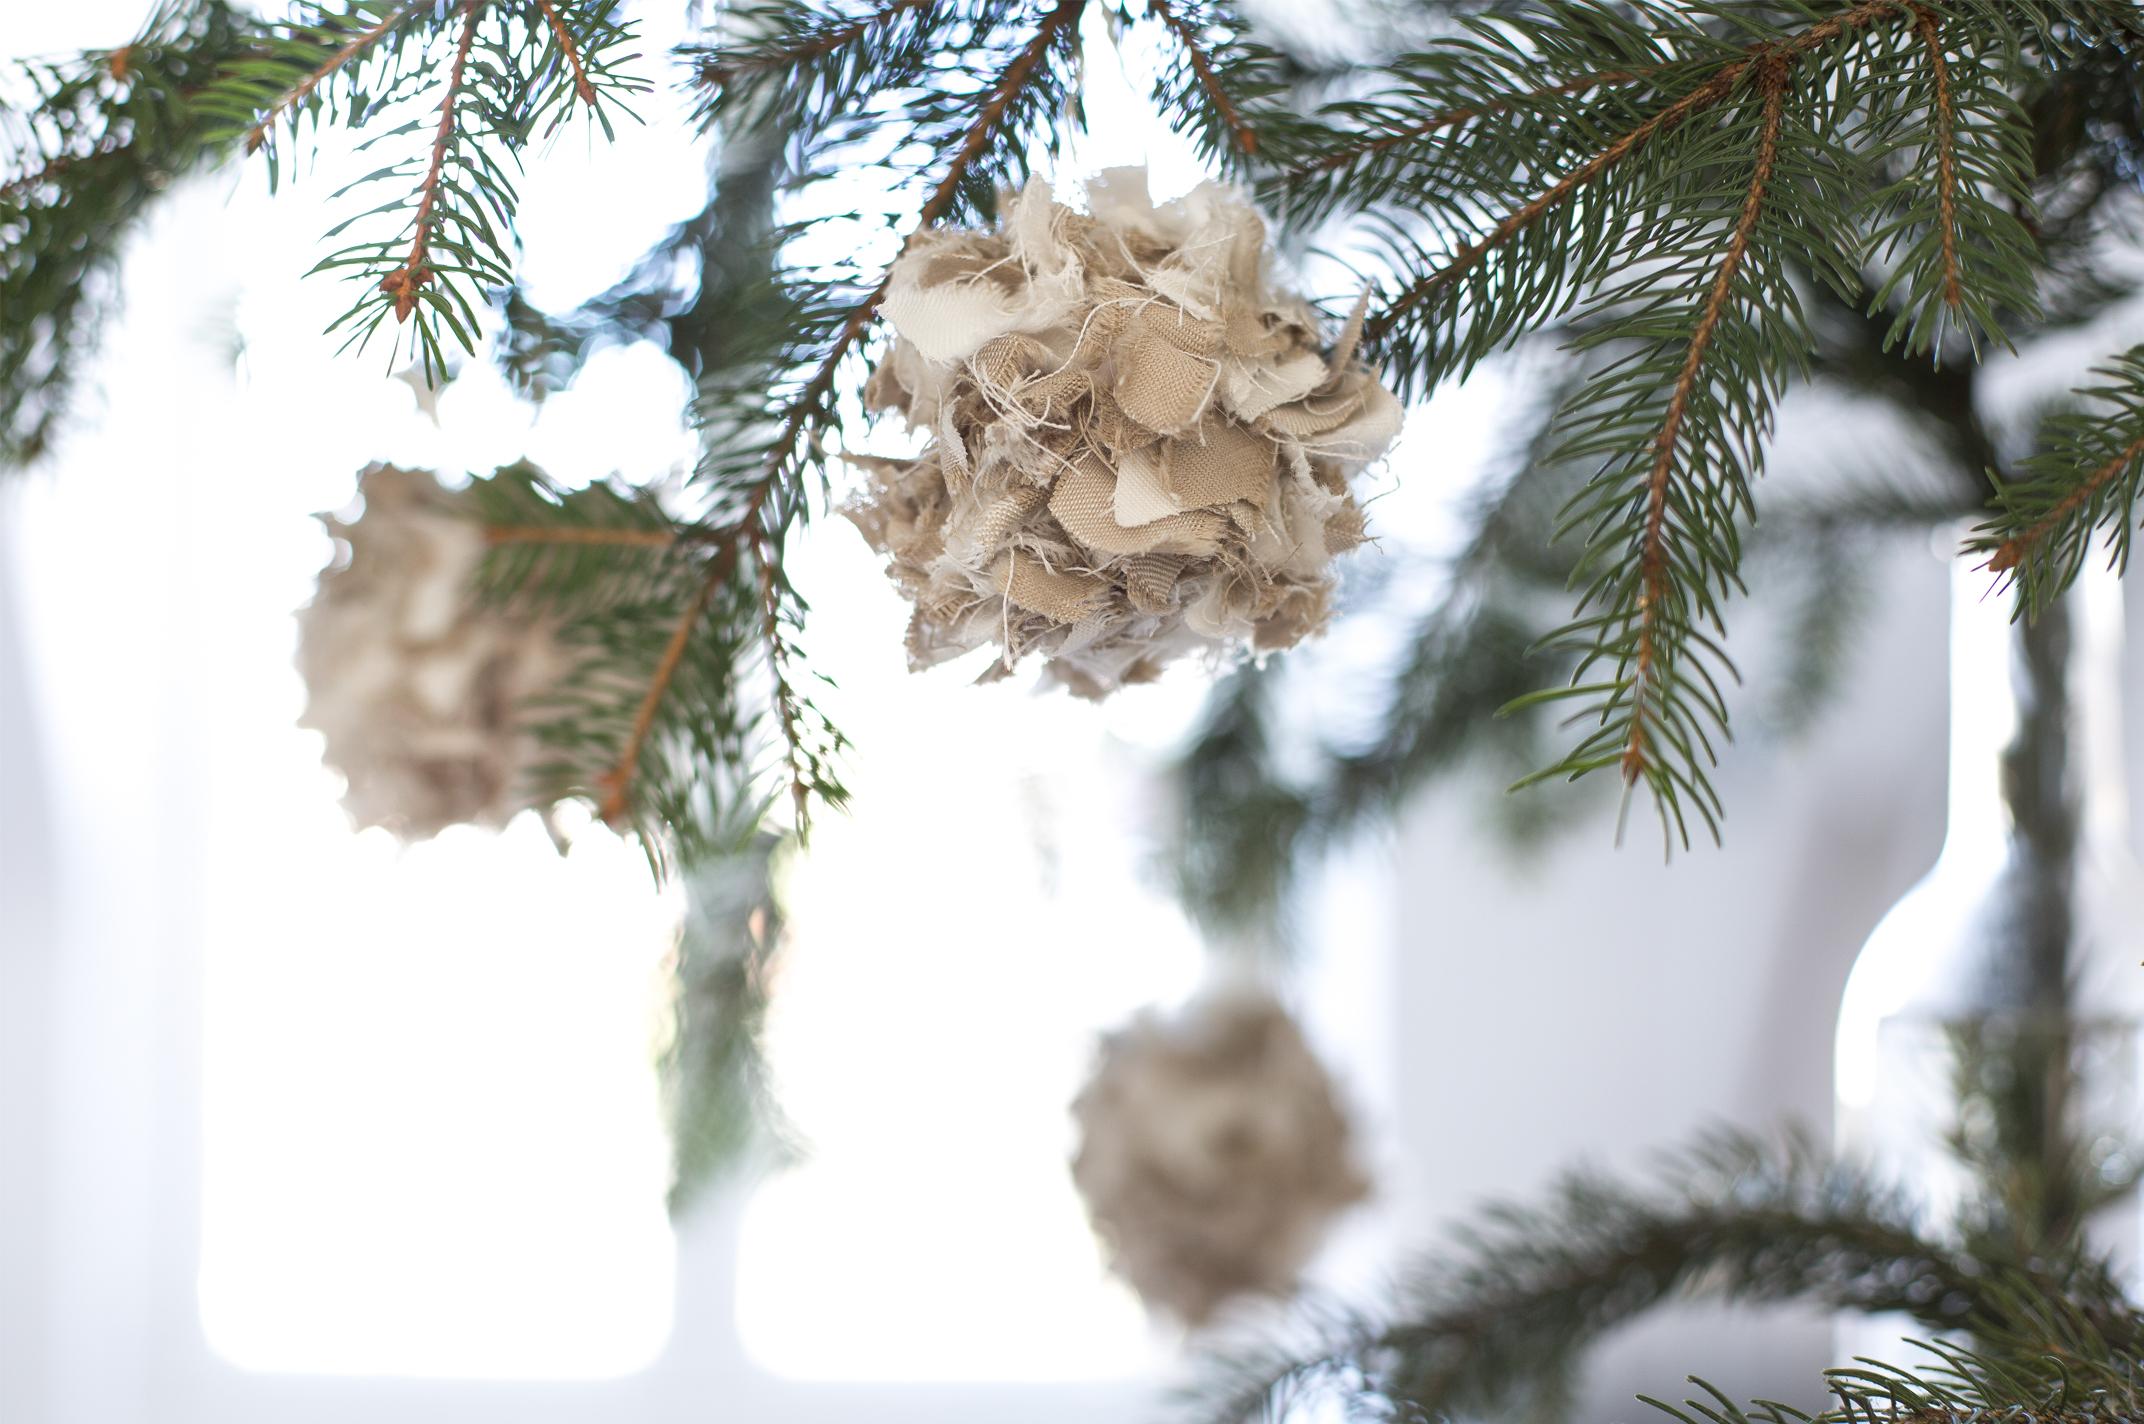 Diy des boules de noel en recyclant des chutes de tissus c 39 est possible avec le ikea hack - Boule de noel en tissu ...